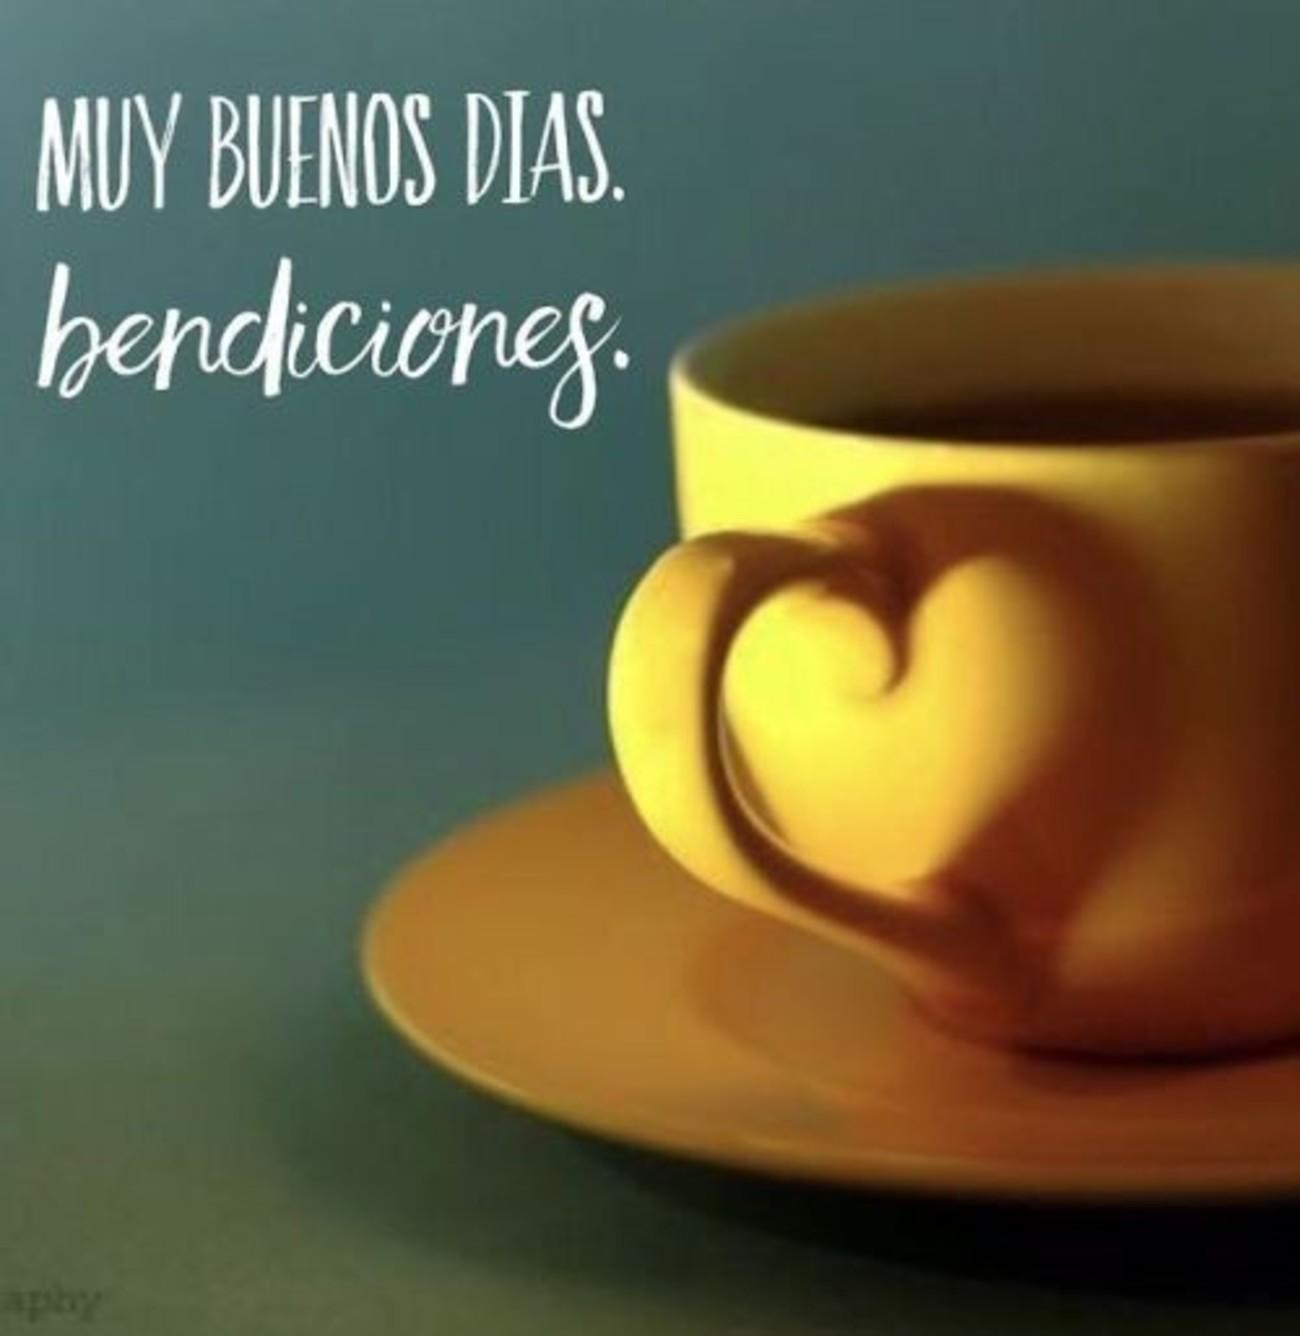 Buenos Días amigos 788